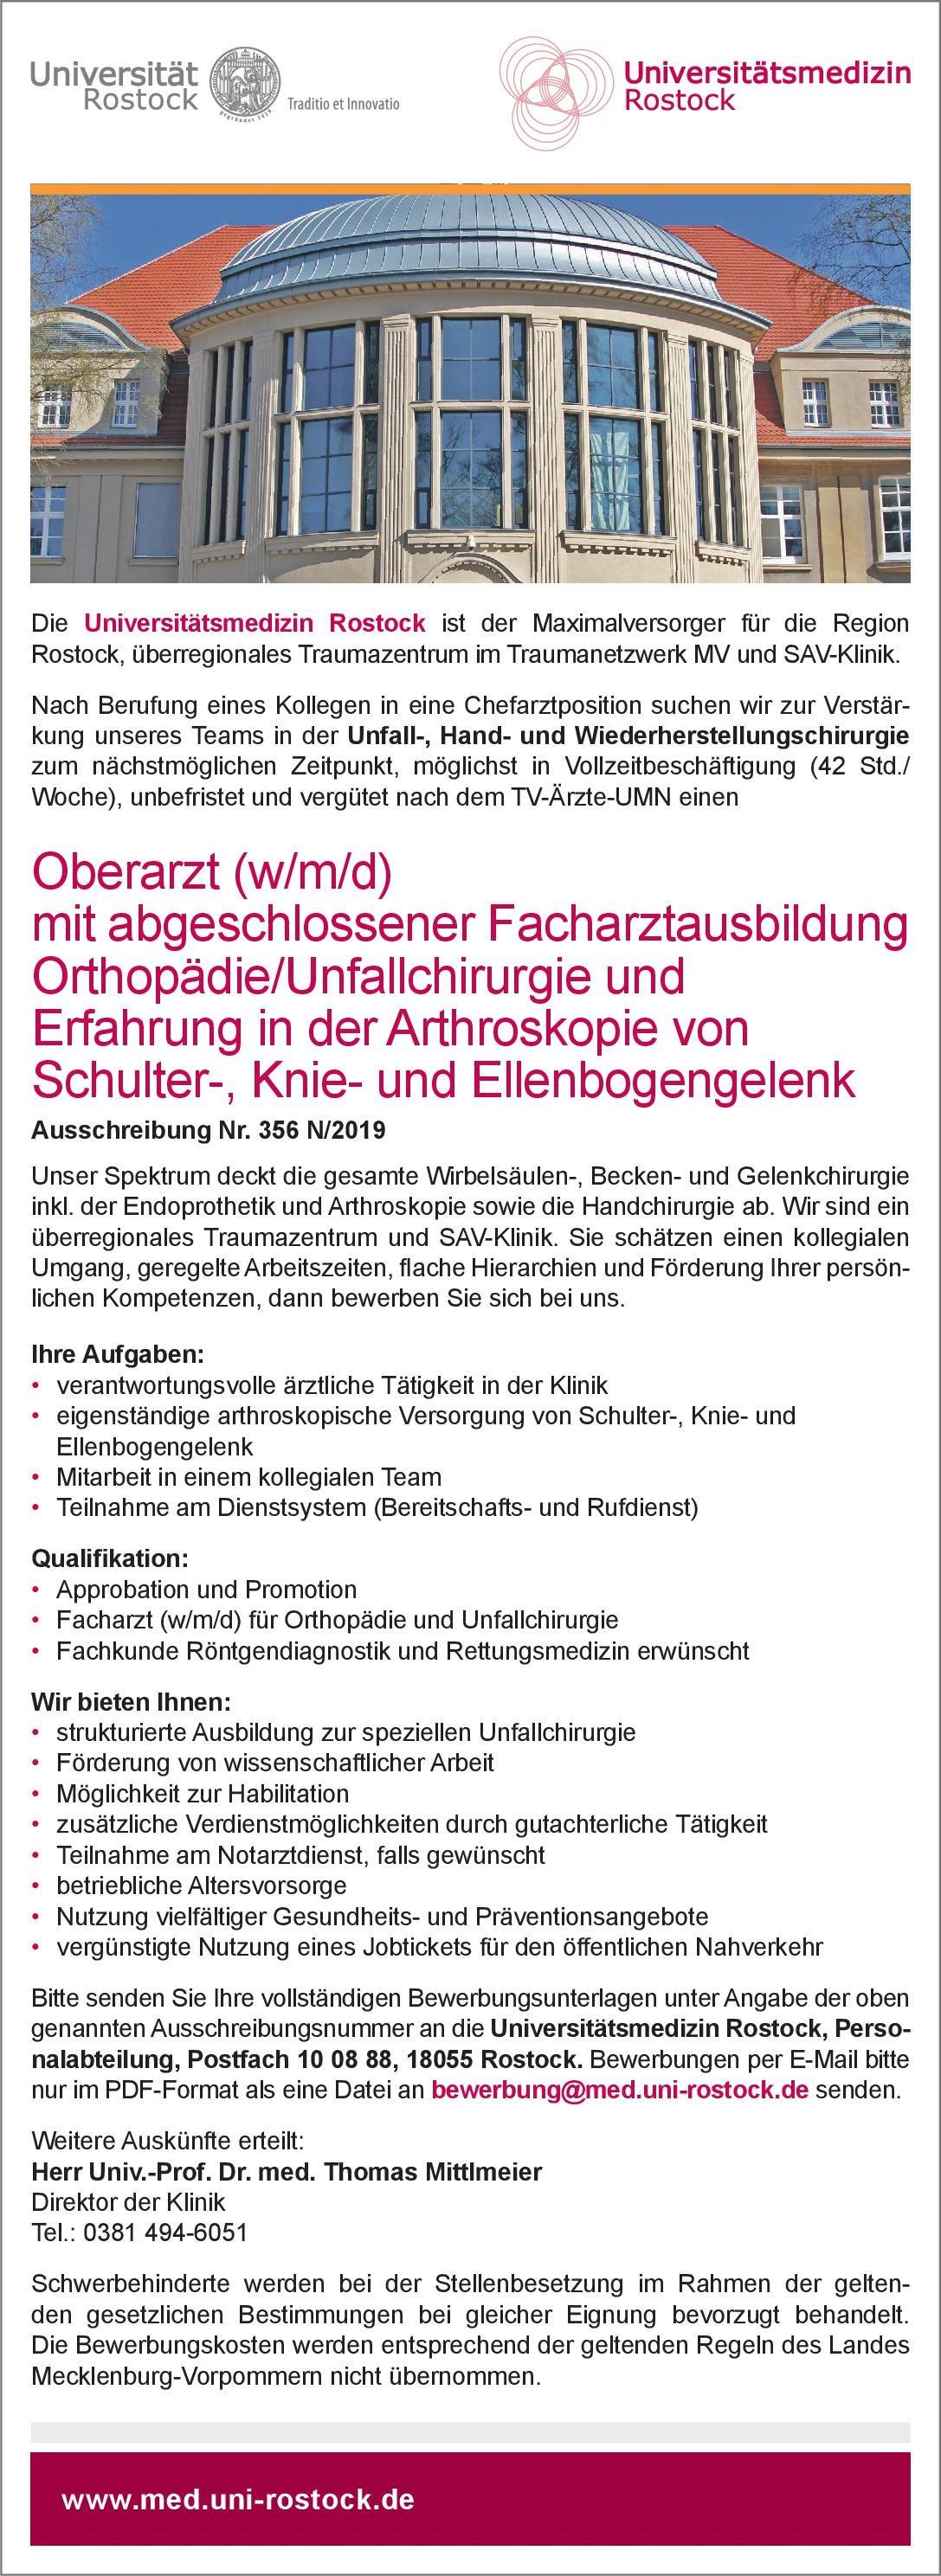 Universitätsmedizin Rostock Oberarzt (w/m/d) mit abgeschlossener Facharztausbildung Orthopädie/Unfallchirurgie und Erfahrung in der Arthroskopie von Schulter-, Knie- und Ellenbogengelenk  Orthopädie und Unfallchirurgie, Chirurgie Oberarzt